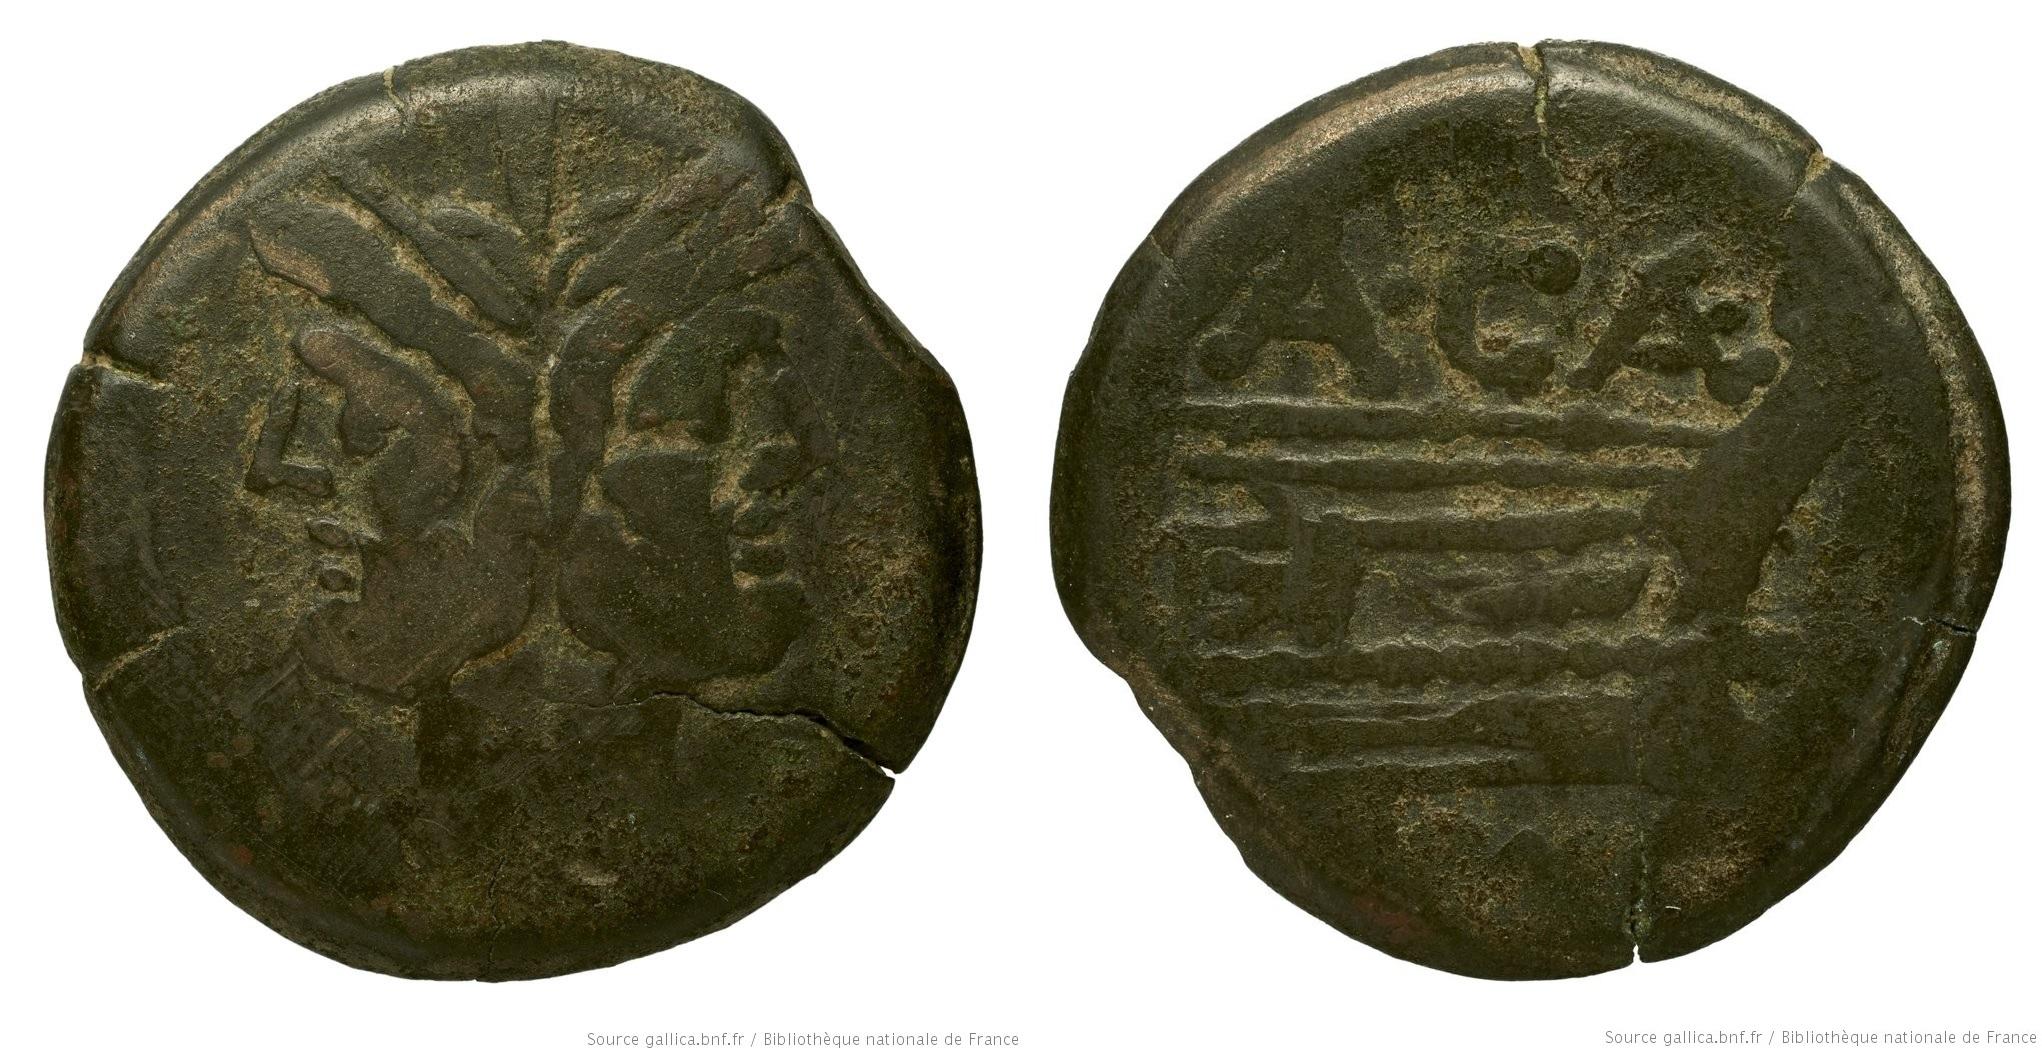 676CA – As Caecilia – Aulus Caecilius